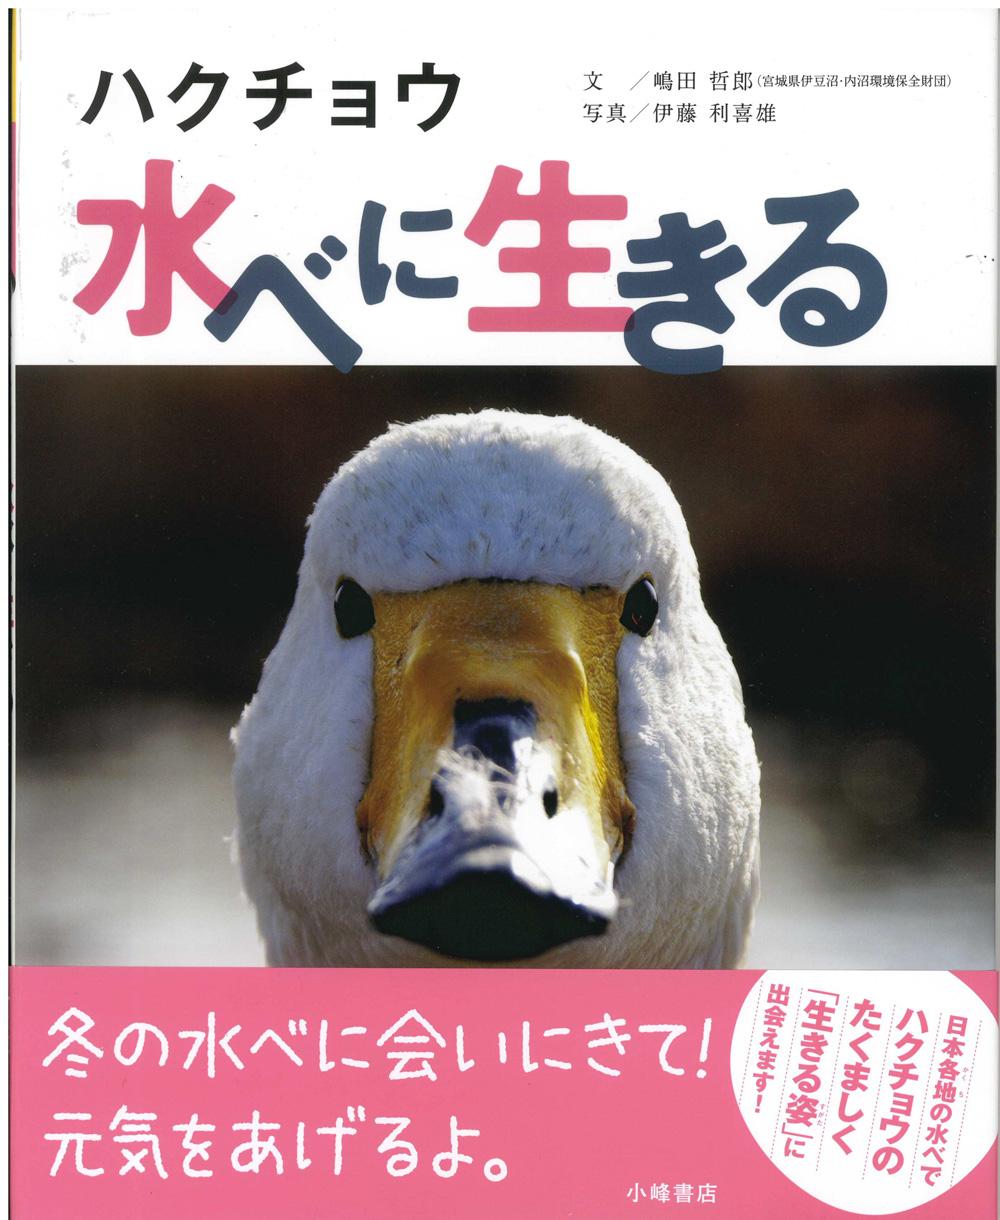 嶋田ハクチョウ.jpg